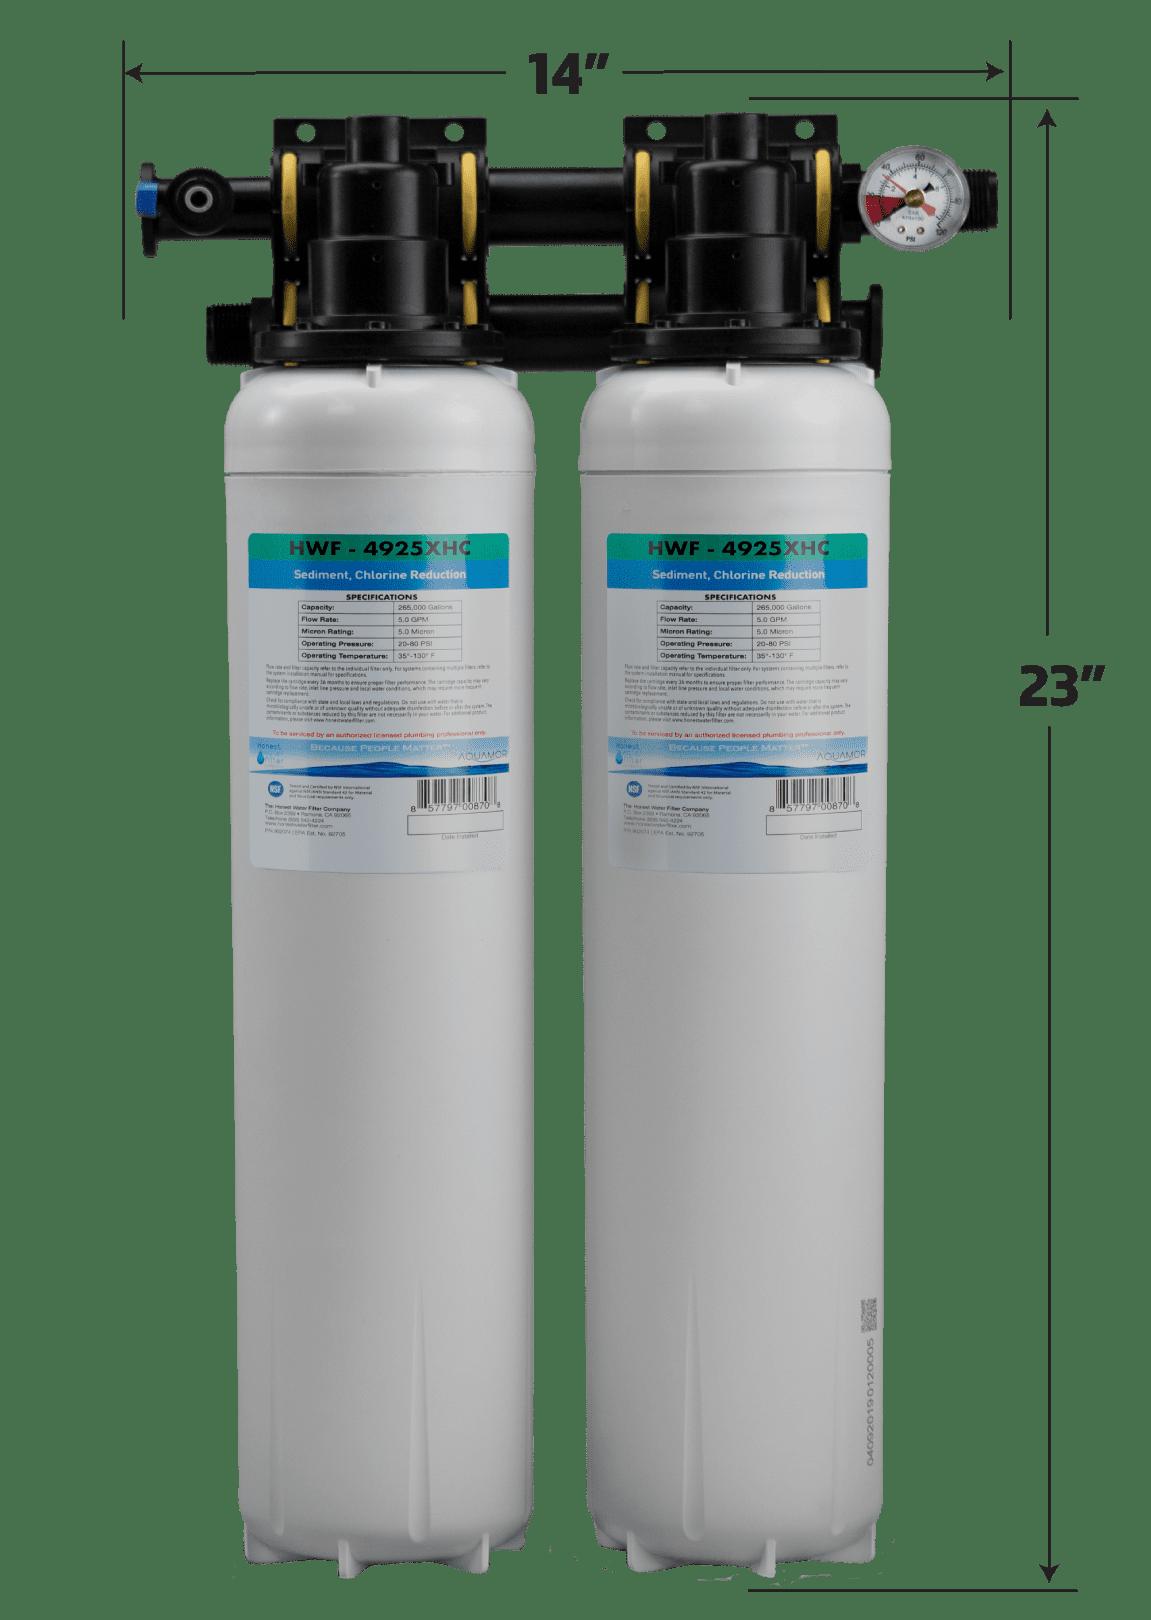 Silver High Capacity 4925XHC image